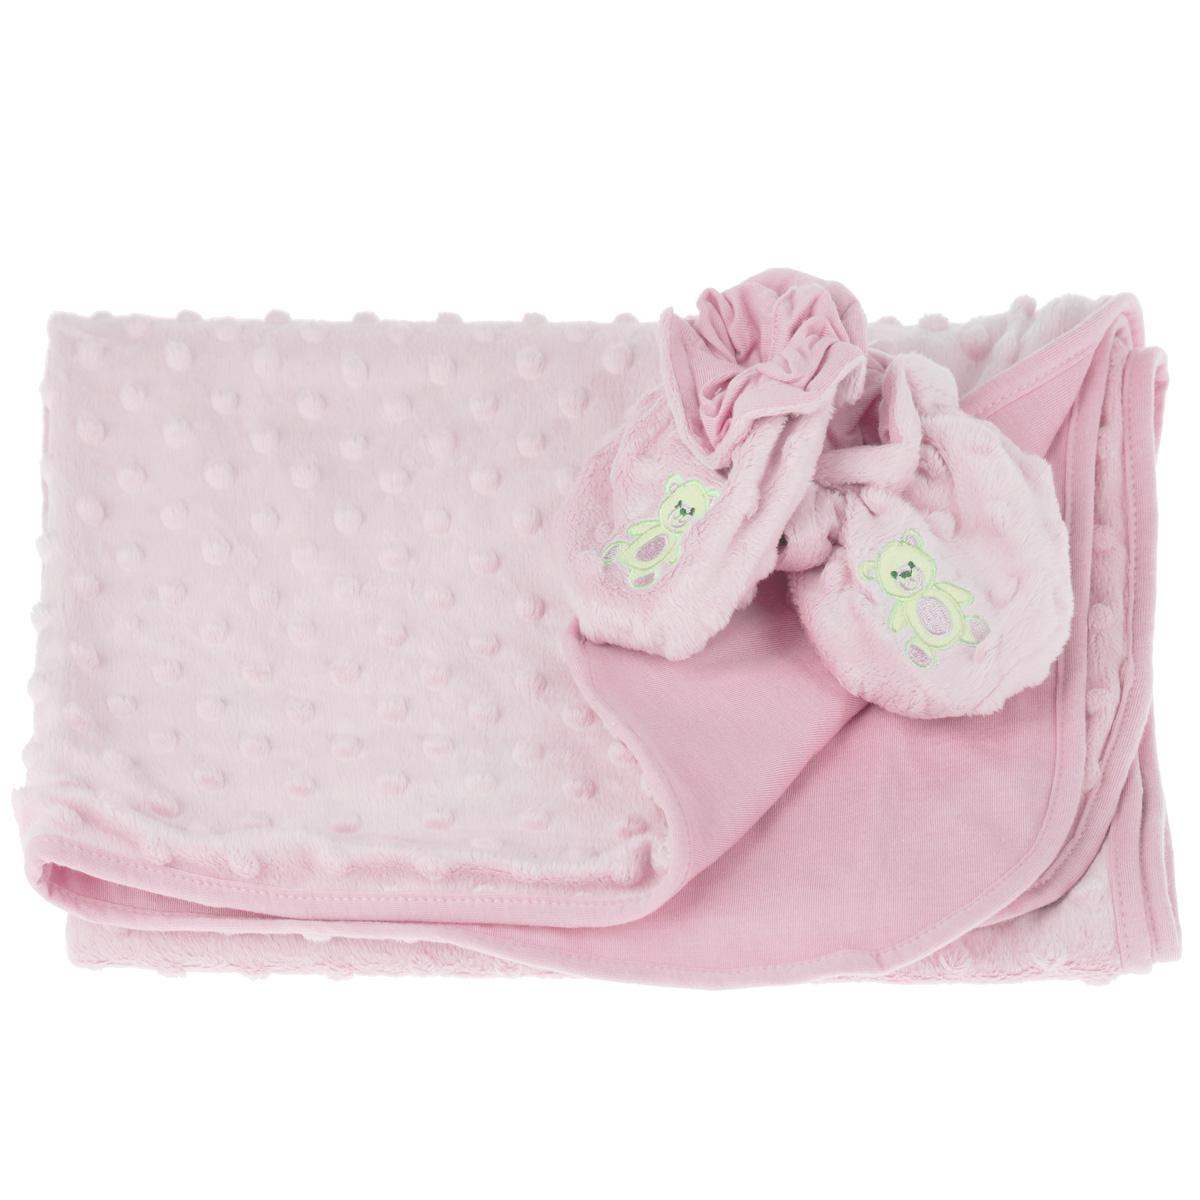 Набор детский Baby Nice: покрывало, пинетки, цвет: розовыйК 03481_розовыйДетский набор Baby Nice в коляску, состоит из одеяла и пинеток. Набор изготовлен из экологичных материалов: верх изготовлен из ткани нового поколения Micro Velour, обладающей терморегулирующими и влагорегулирующими свойствами, подкладка - 100% натуральный хлопчатобумажный трикотаж. Пинетки украшены небольшой вышивкой в виде мишек. Они дышащие, из легкой воздухопроницаемой ткани, и сохраняющие тепло, что не позволят замерзнуть ножкам ребенка. Мама малыша, укрытого потрясающе мягким, необыкновенно легким и исключительно теплым одеялом, может быть спокойна за покой и комфортный сон своего ребенка на прогулке, на свежем воздухе. Набор окрашен гипоаллергенными красителями. Размер одеяла: 70 см х 98 см. Пинетки для детей от 0 до 3 лет.